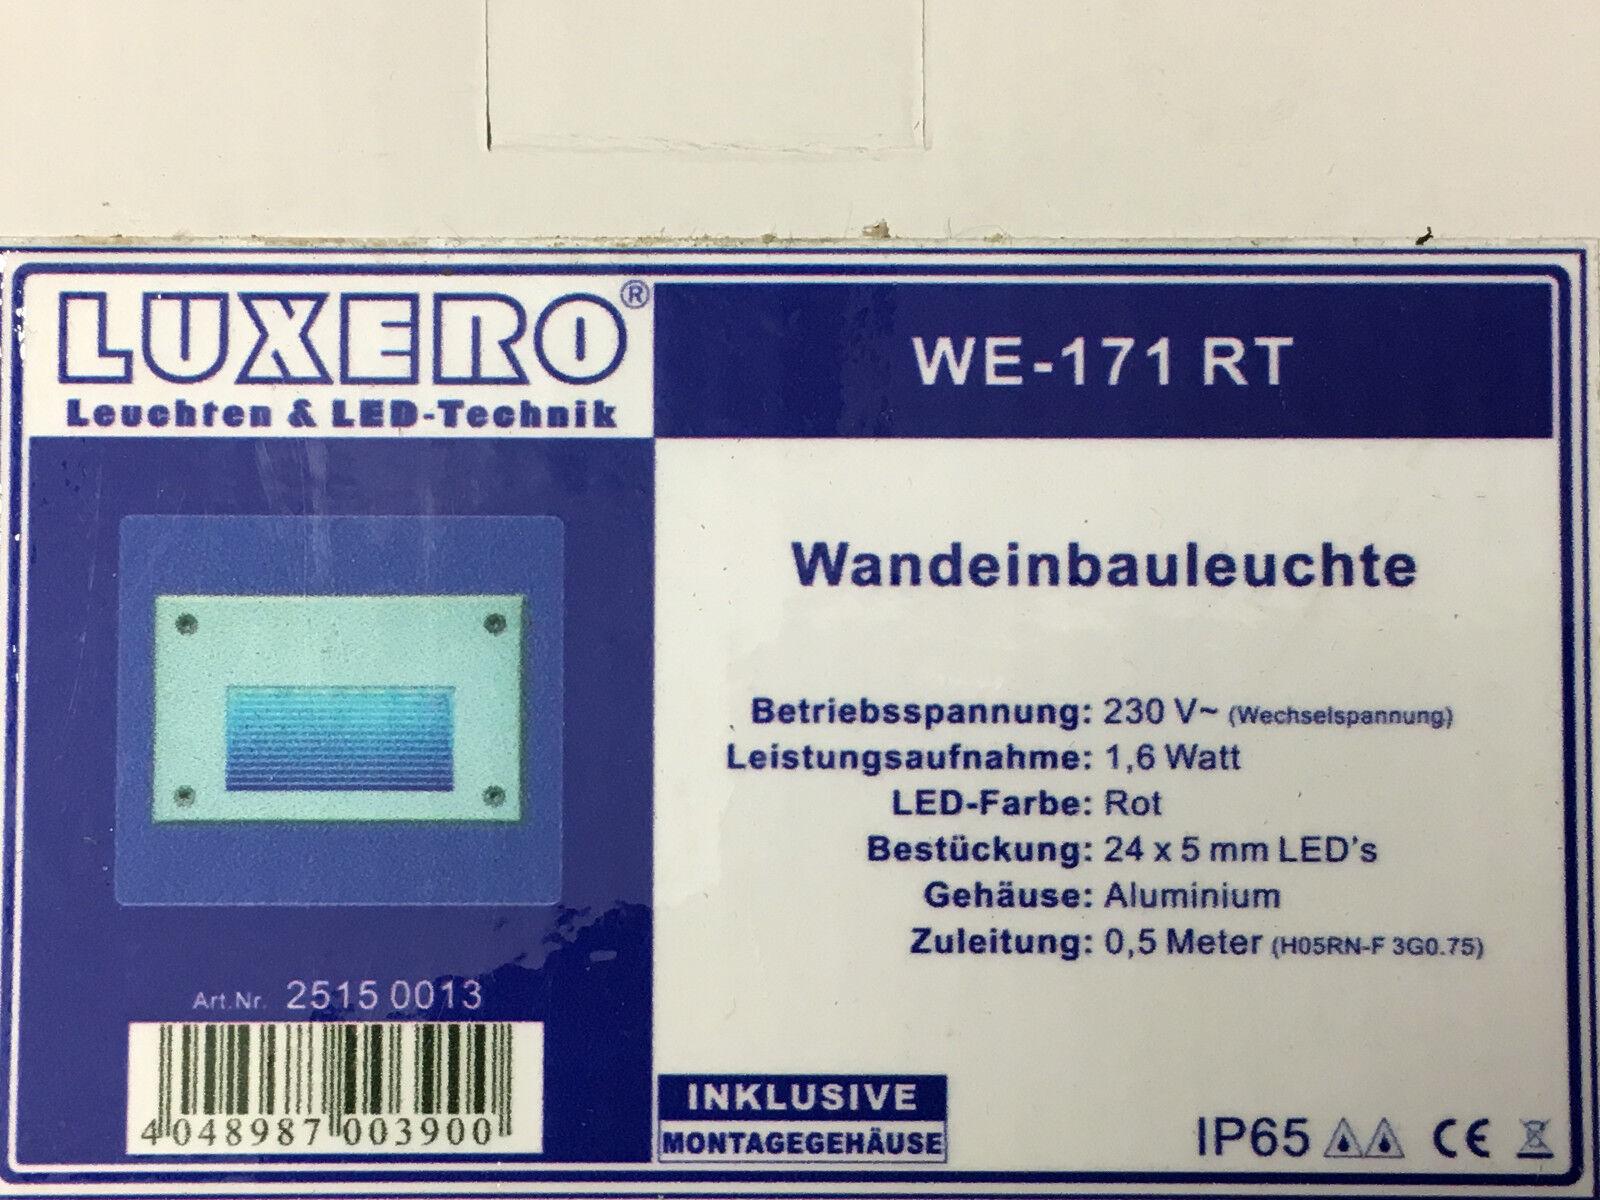 LUXERO AV LED-Wandeinbauleuchte 24 LEDs AC230V  WE-171 RT 25150013 | Creative  | Öffnen Sie das Interesse und die Innovation Ihres Kindes, aber auch die Unschuld von Kindern, kindlich, glücklich  | Angemessener Preis